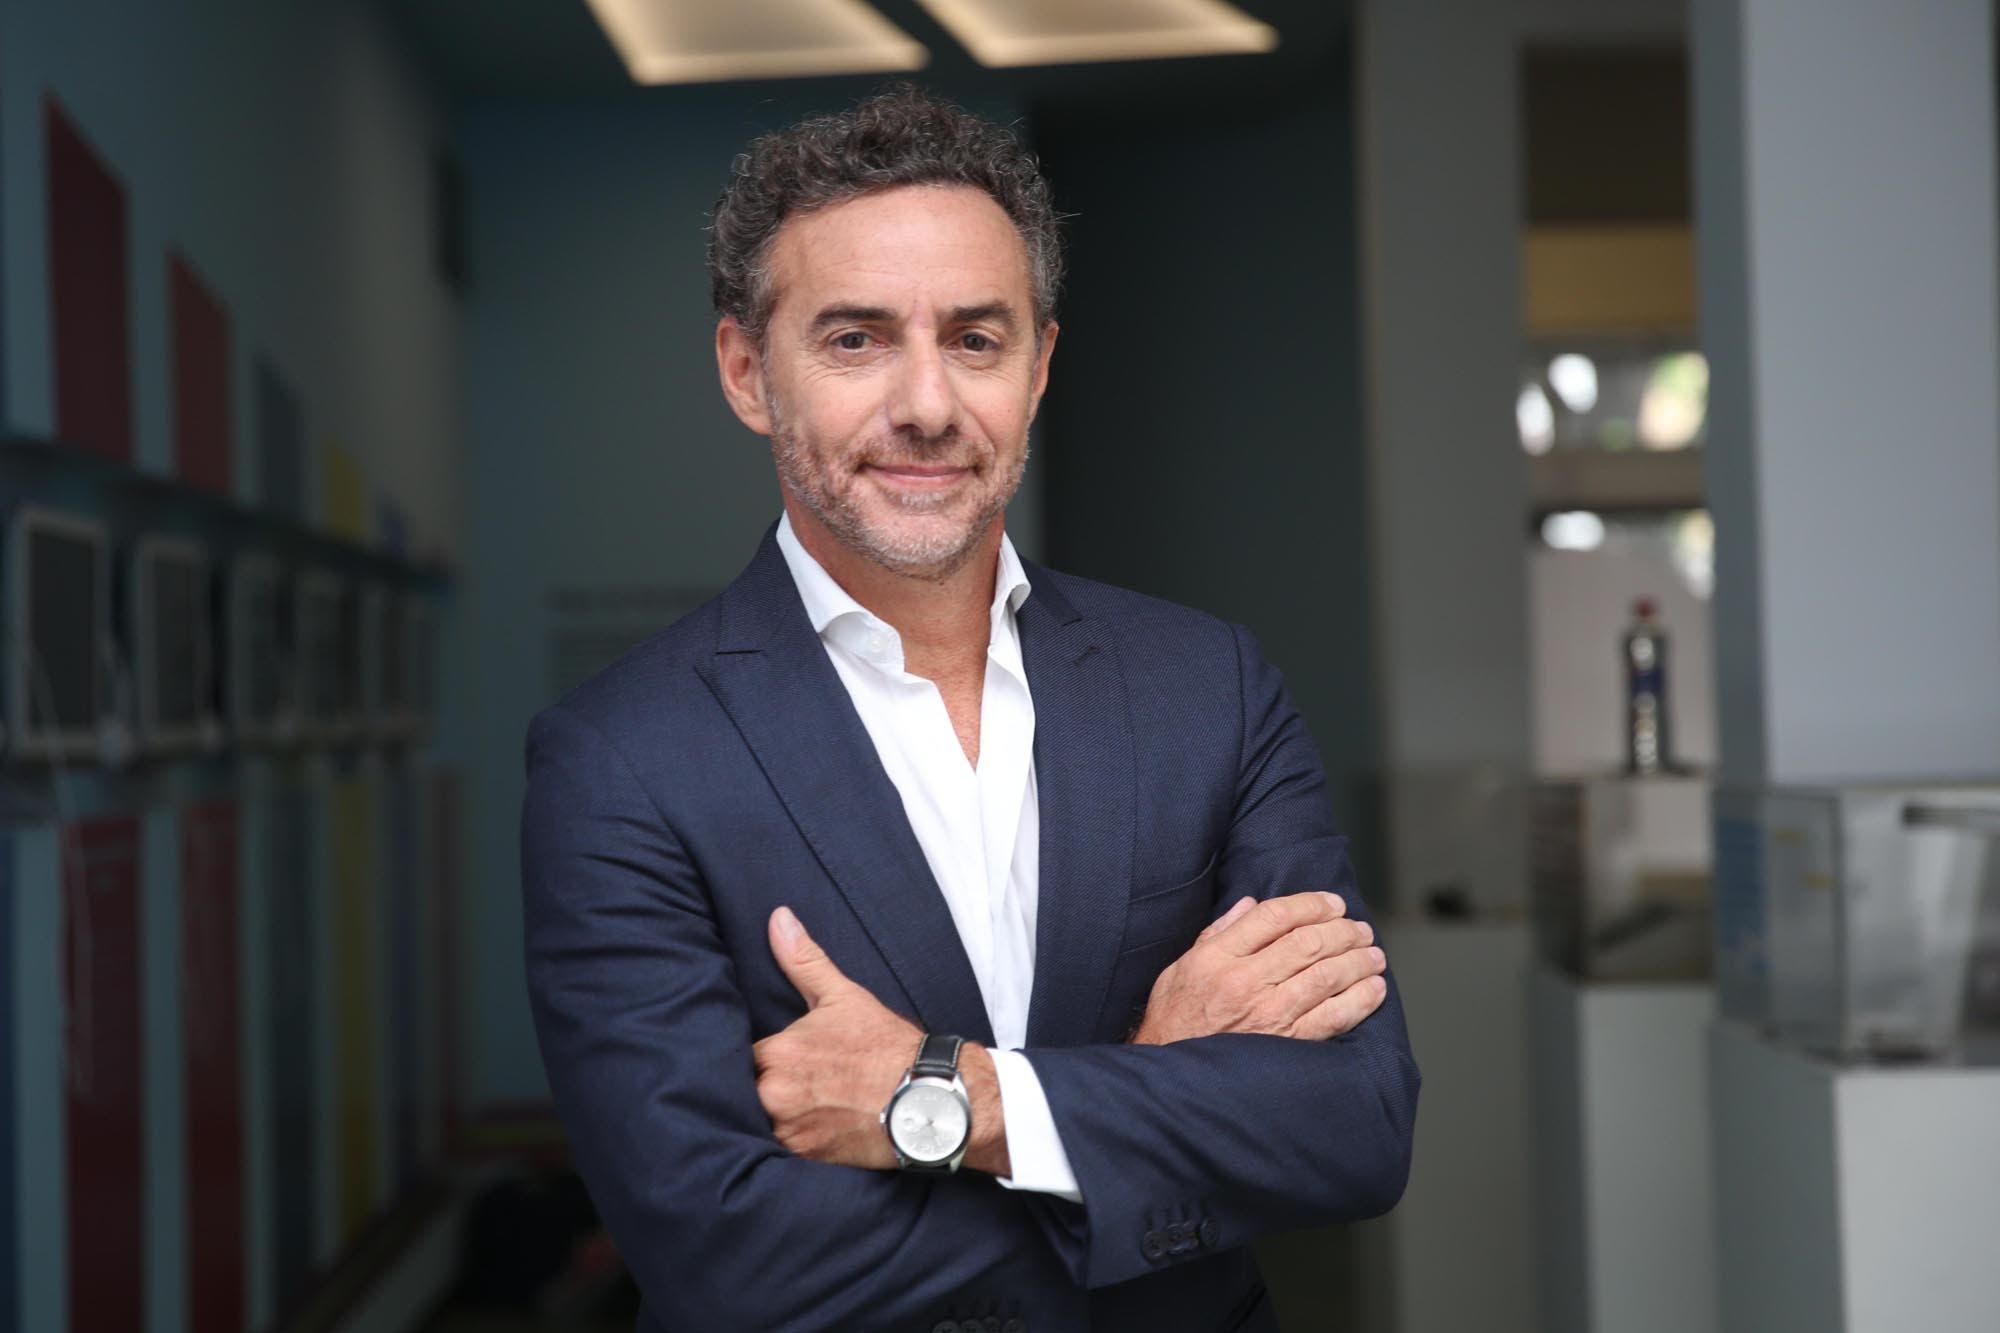 La Cornisa - En Vivo: Luis Majul estrena su programa por LN+, a las 21 horas